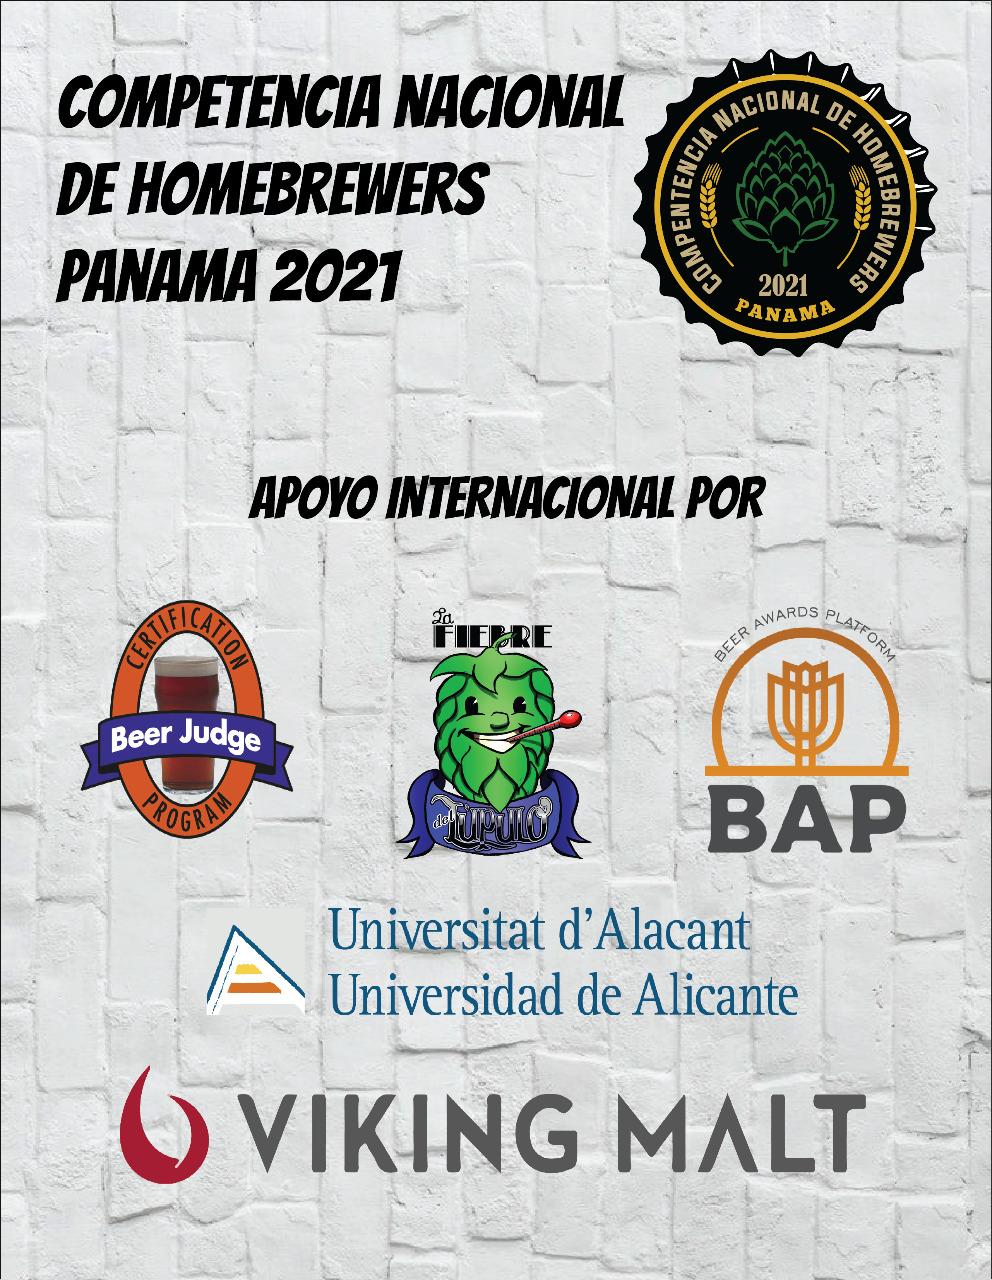 Competencia Nacional de Homebrewers Panamá 2021